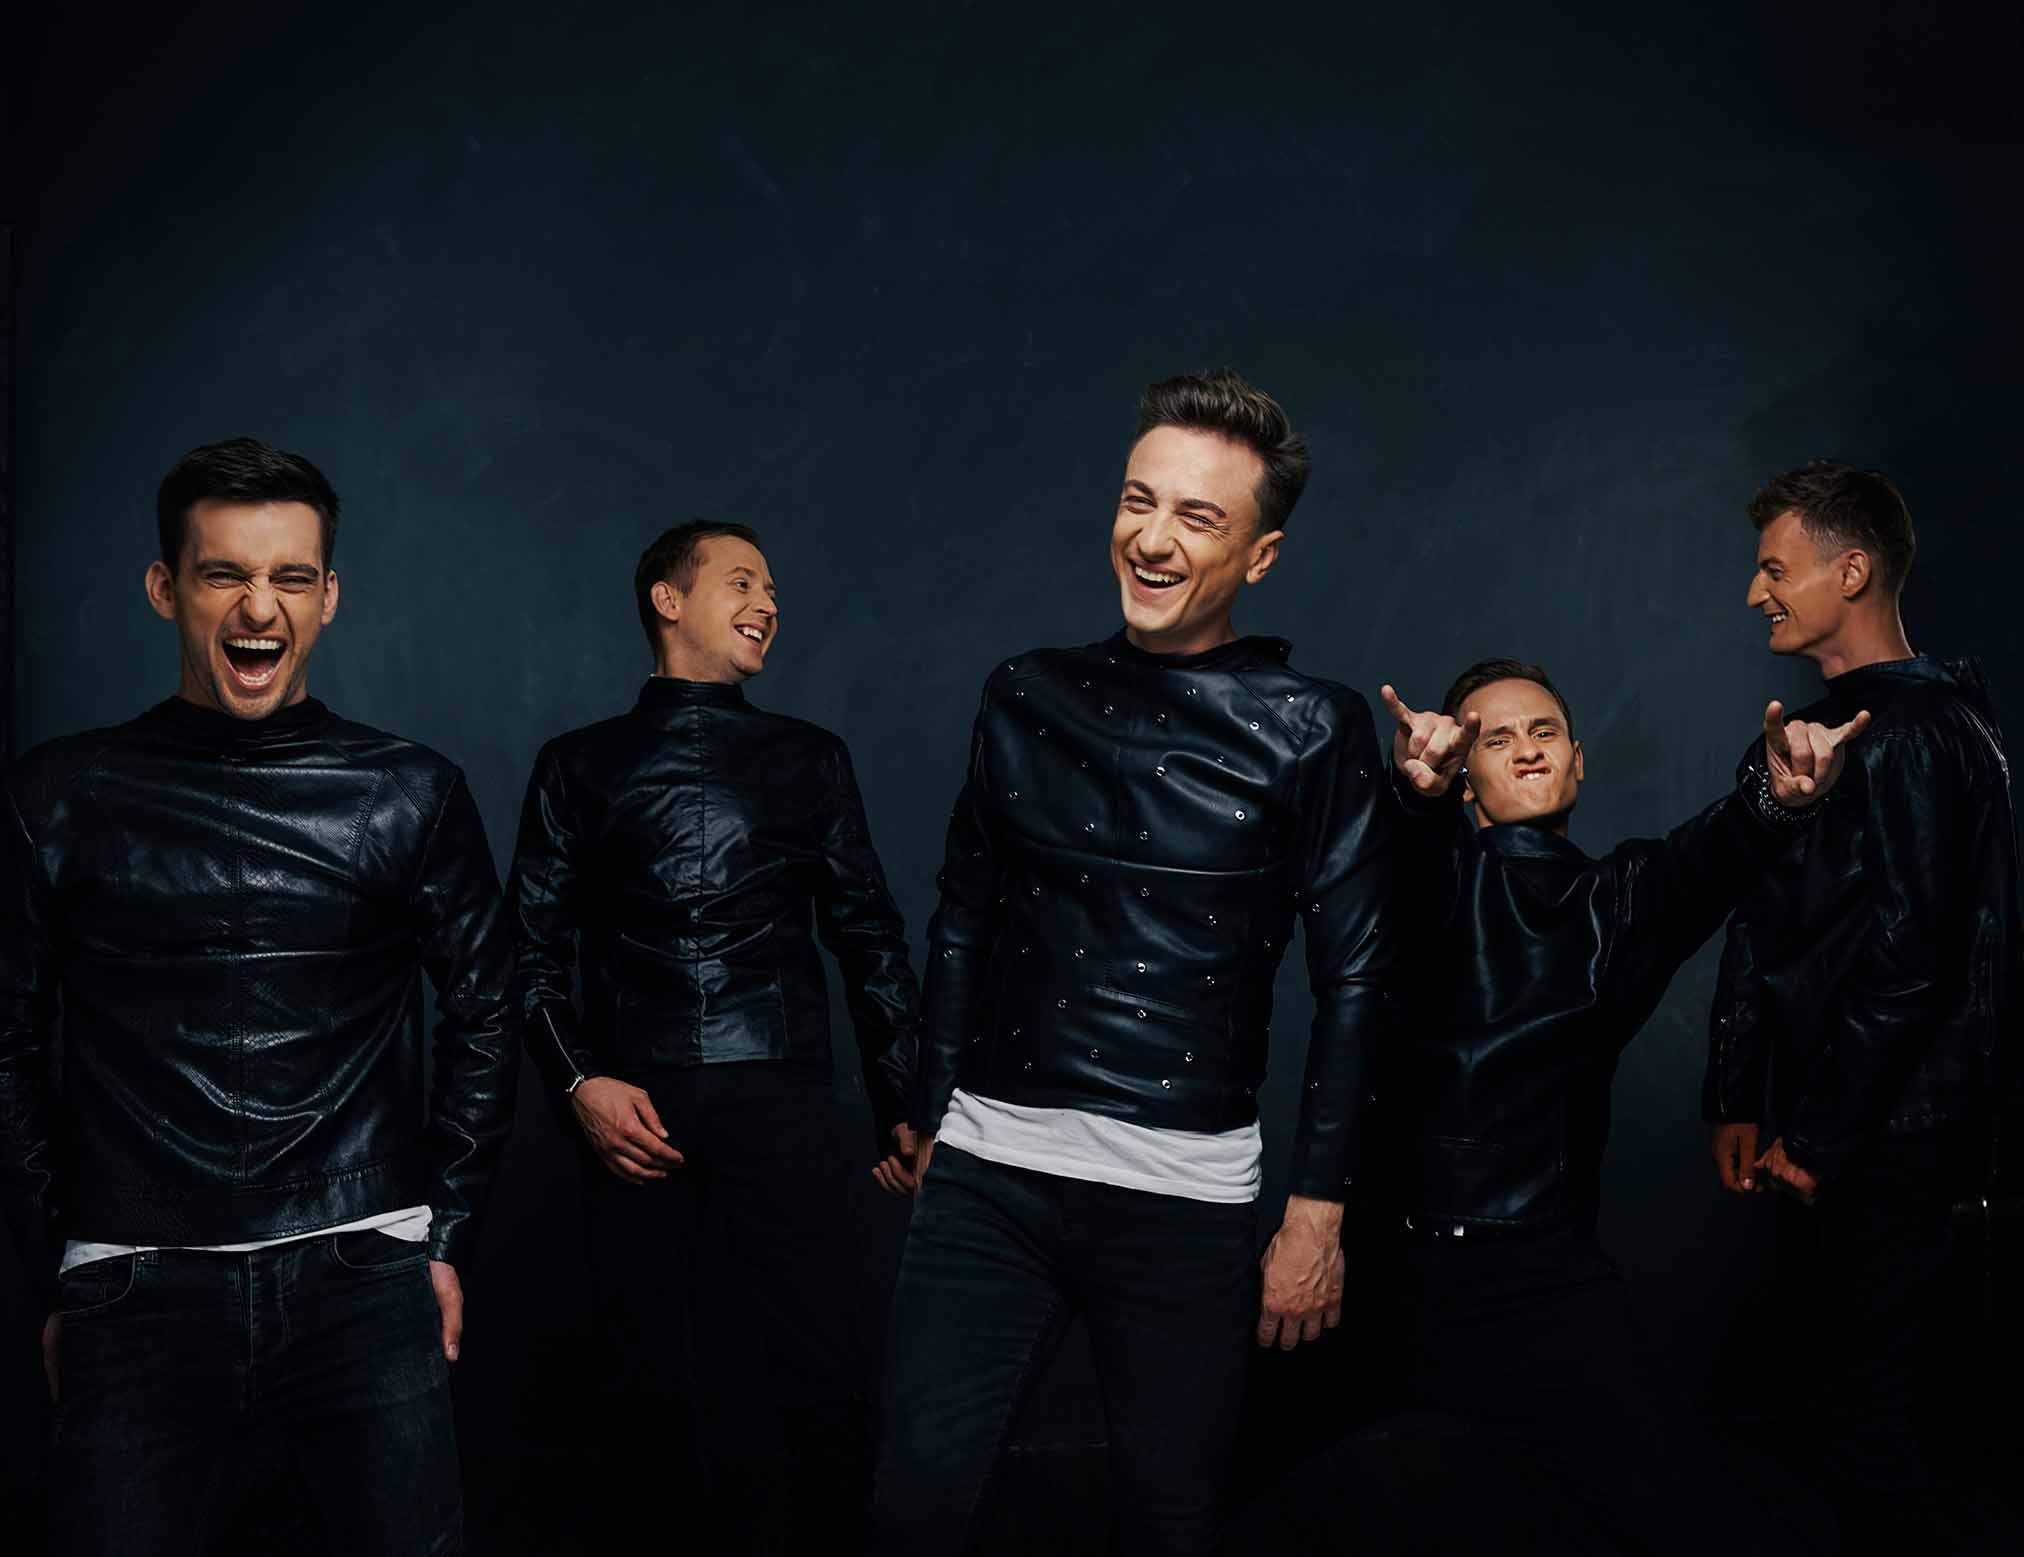 ATI_3951 Український рок-гурт винайшов «еліксир молодості» — UA MUSIC | Енциклопедія української музики